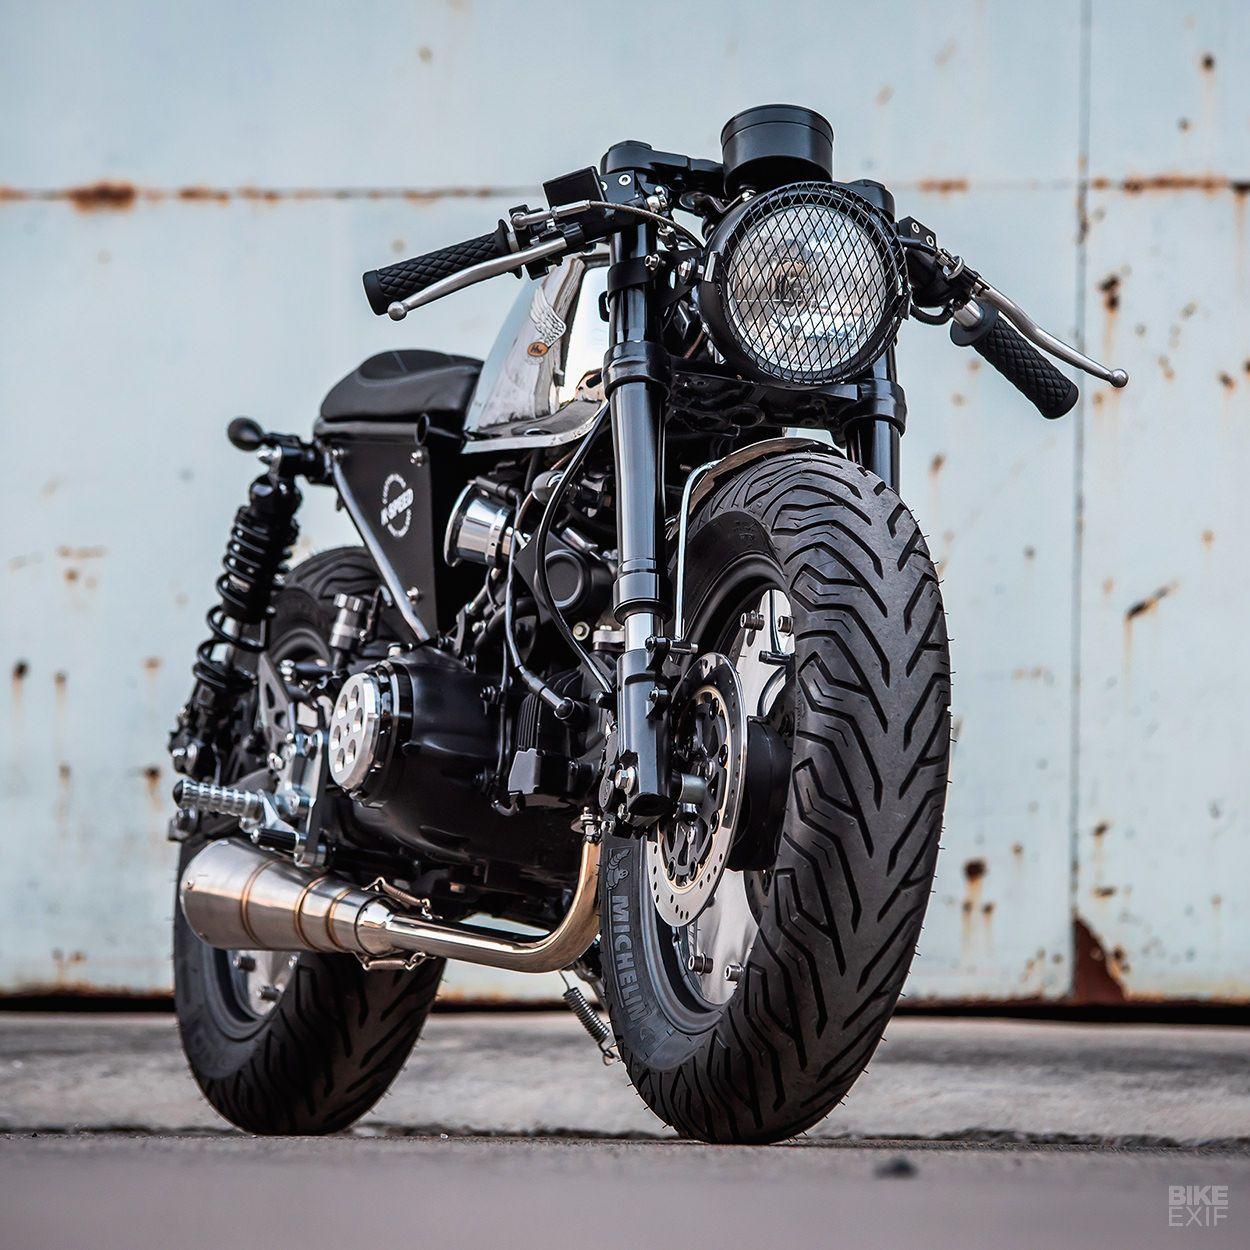 Little Ripper K Speed S Honda Monkey Cafe Racer In 2020 Cafe Racer Custom Cafe Racer Cafe Racer Bikes